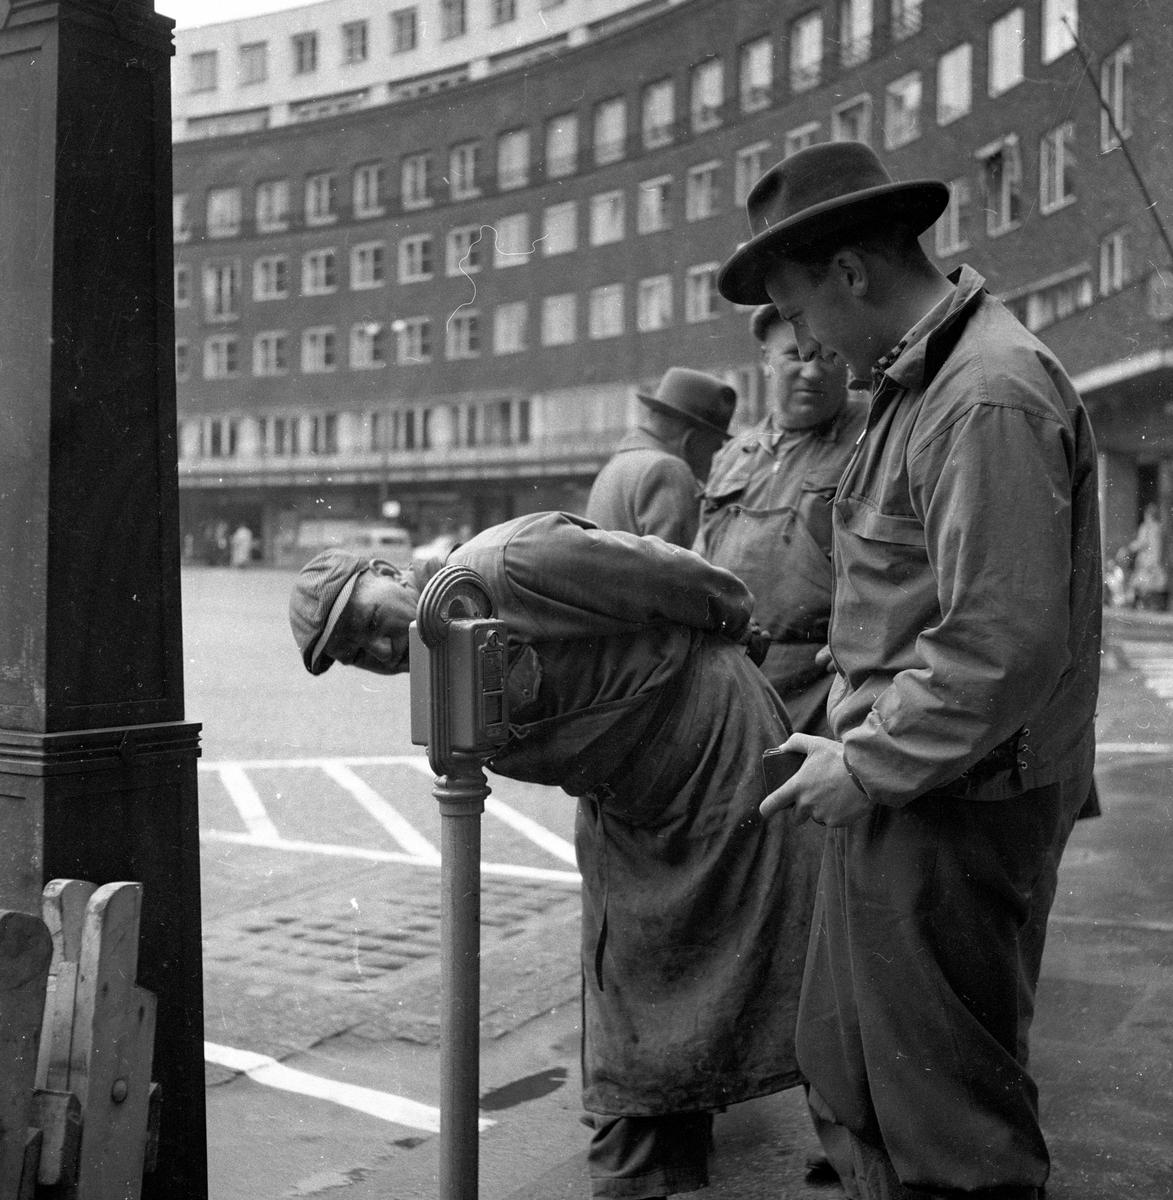 Menn studerer nytt parkometer på Fridtjof Nansens plass i Oslo.  Fotografert mai 1958.